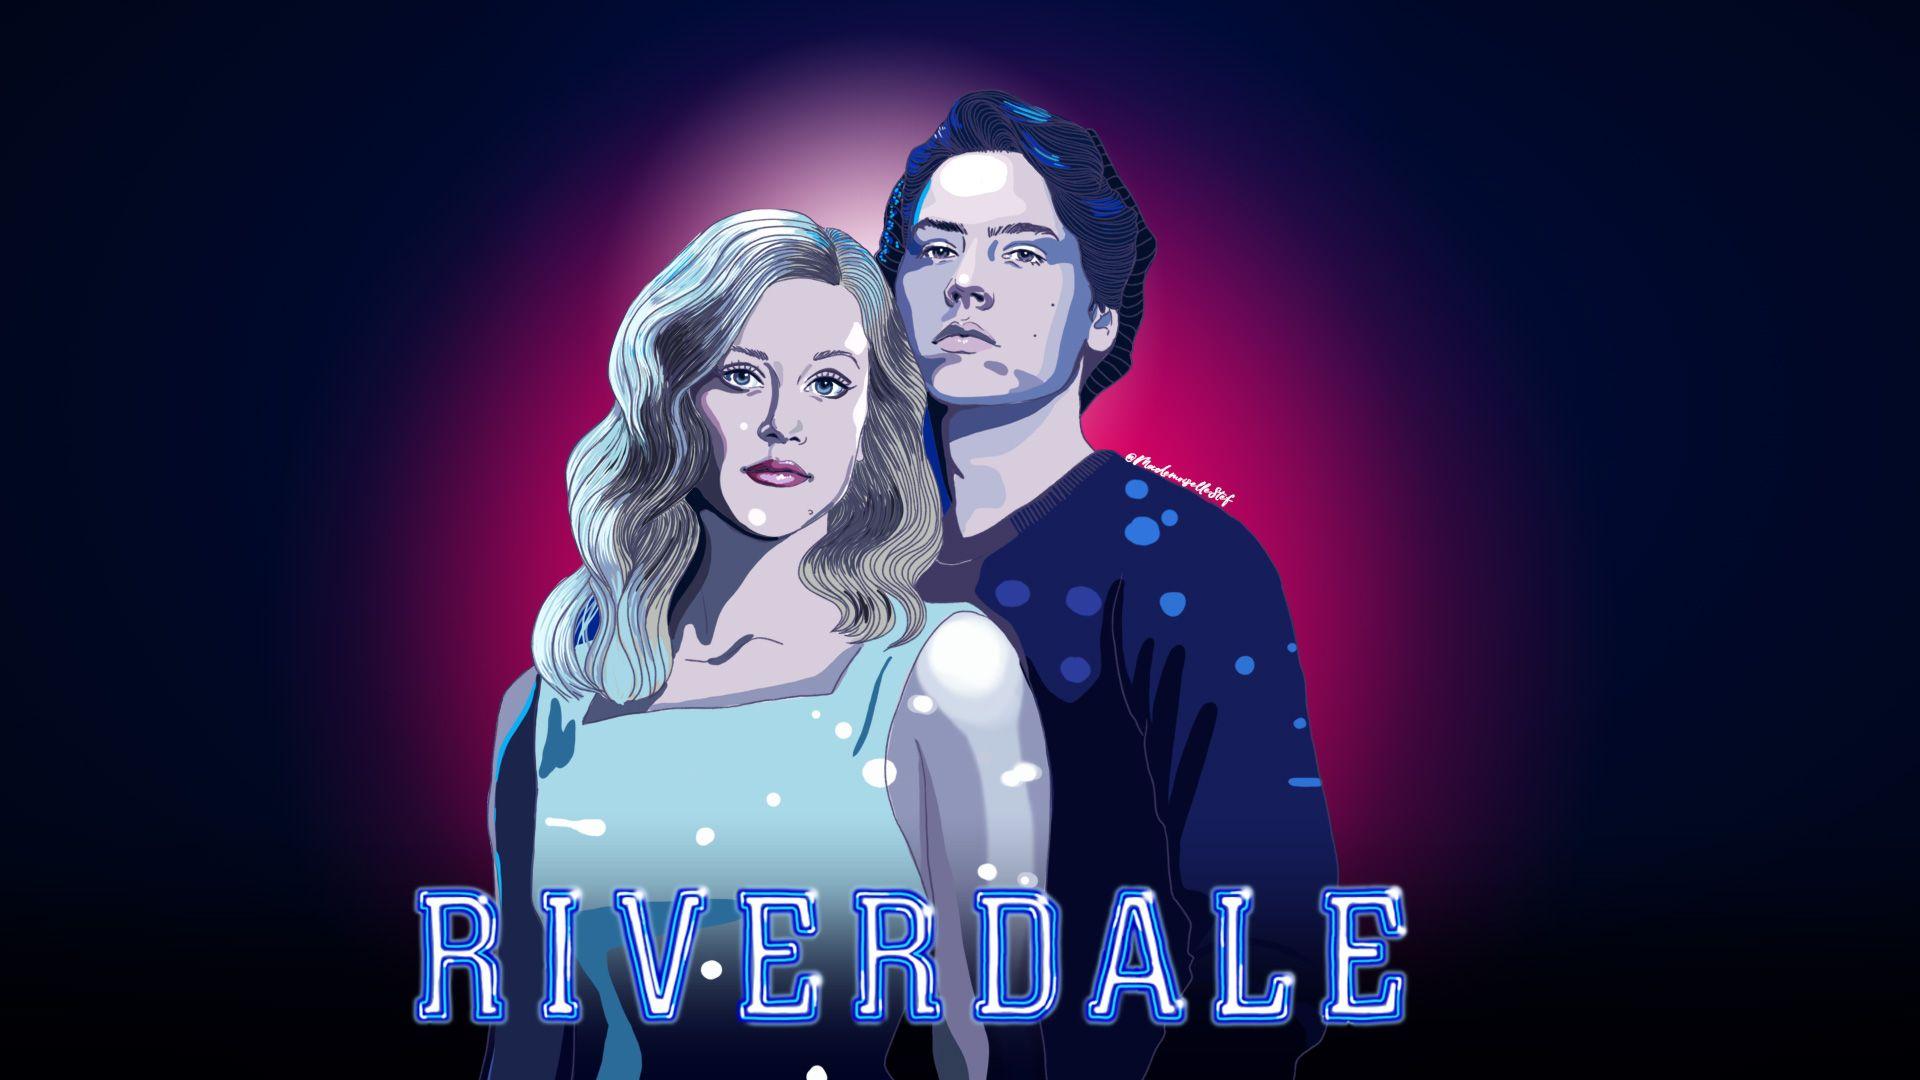 Wallpapers Fond D Ecran Riverdale I Mademoiselle Stef Fond D Ecran Ordinateur Fond Ecran Riverdale